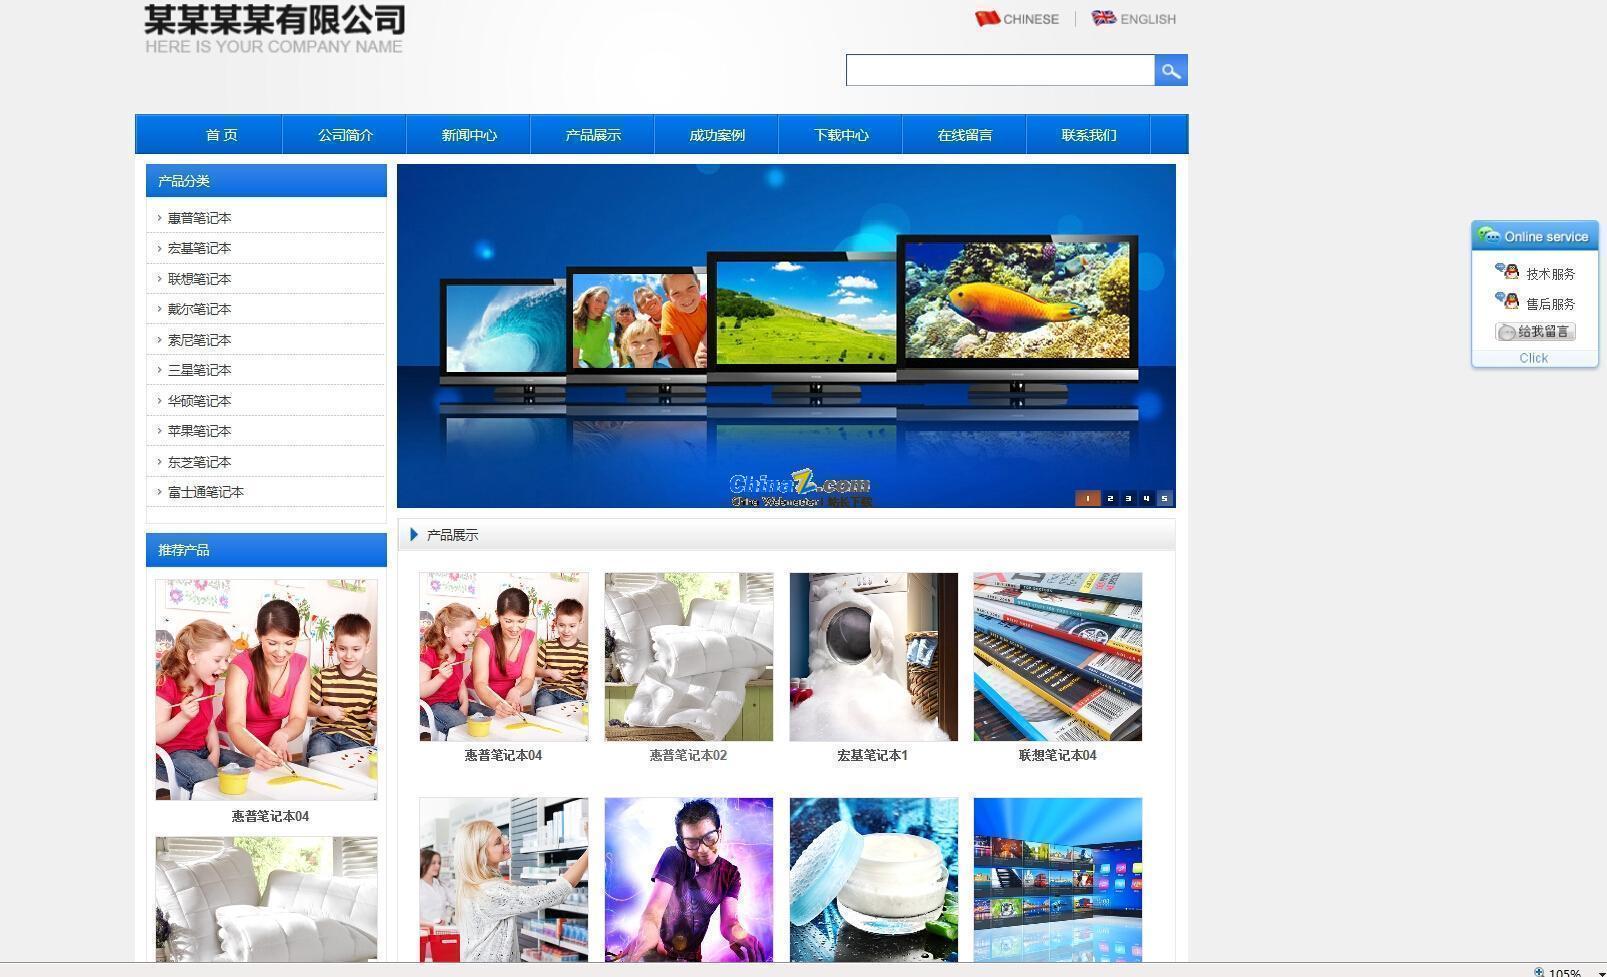 网新中英企业网站管理系统